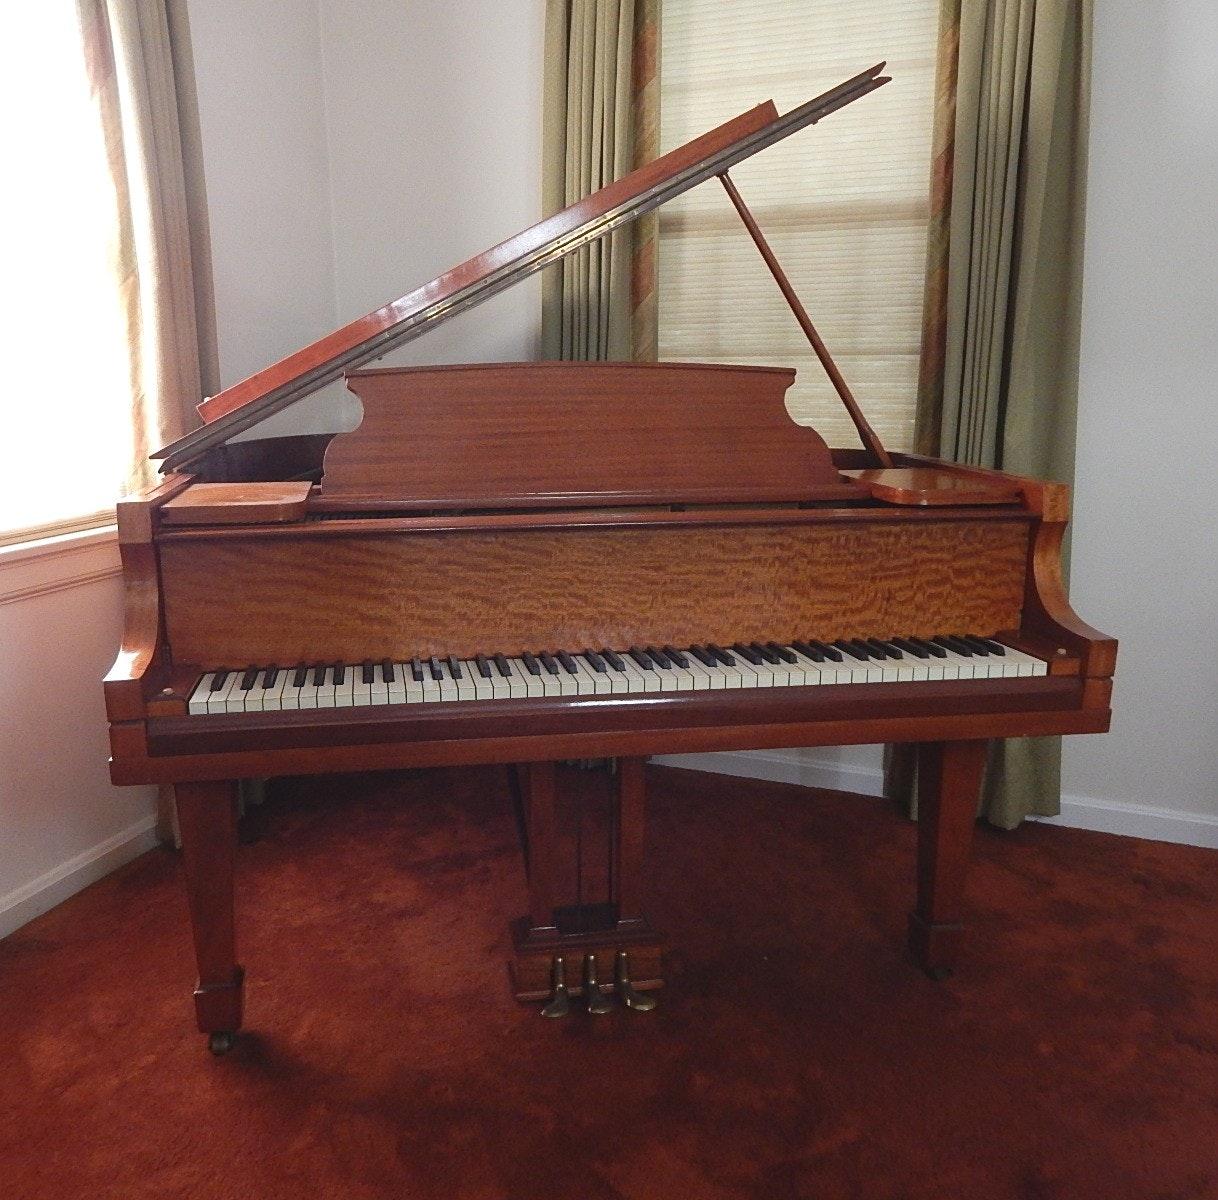 C. Kurtzmann Baby Grand Piano